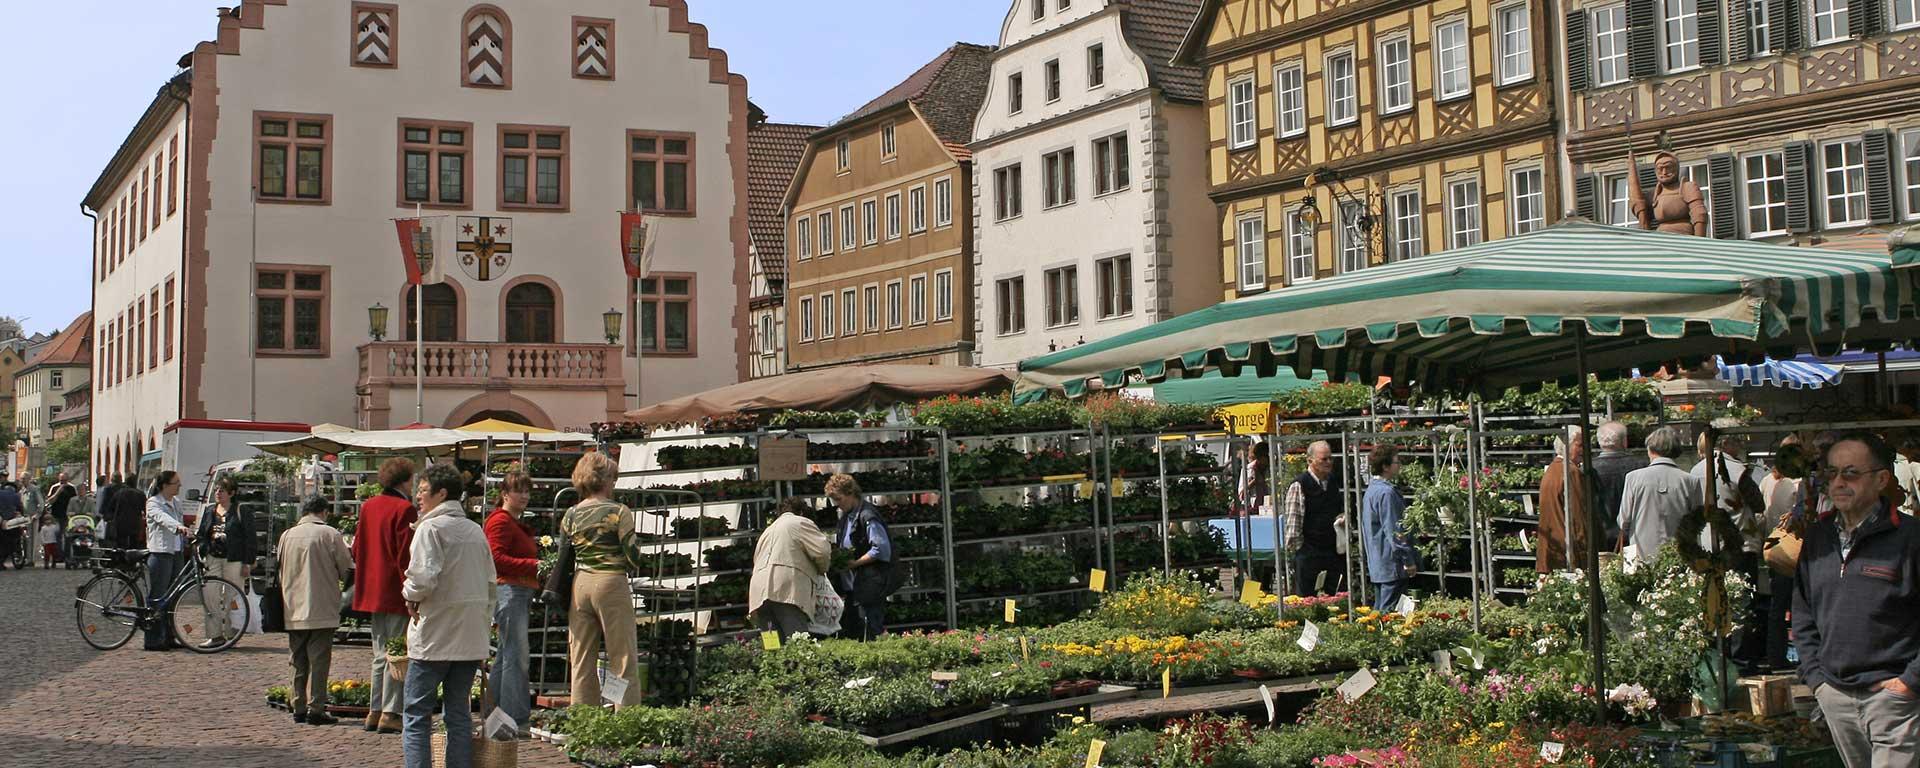 Bad Mergentheim: Kurort und Heilbad im Taubertal. Hotel SAVOY